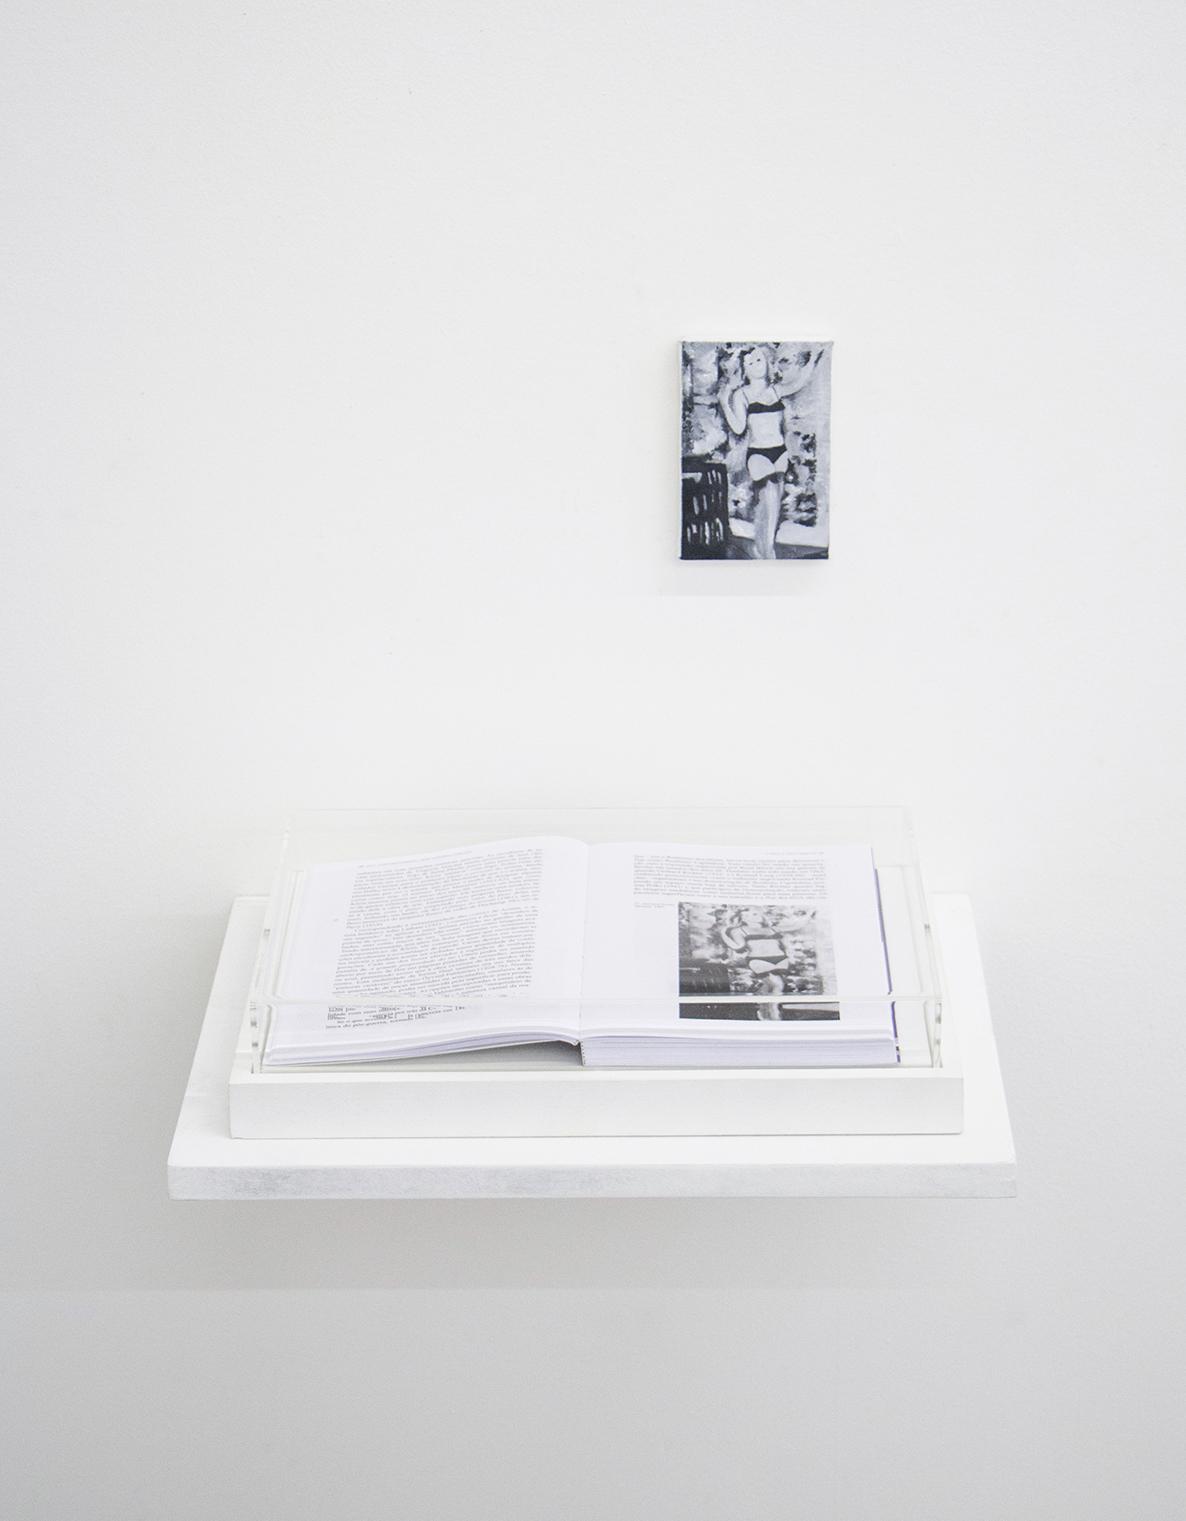 Páginas 30 e 31 (série Foi assim que me ensinaram) •2014 •Livro emoldurado, óleo sobre tela •21,5 x 31 cm (livro), 7,6 x 11,5 cm